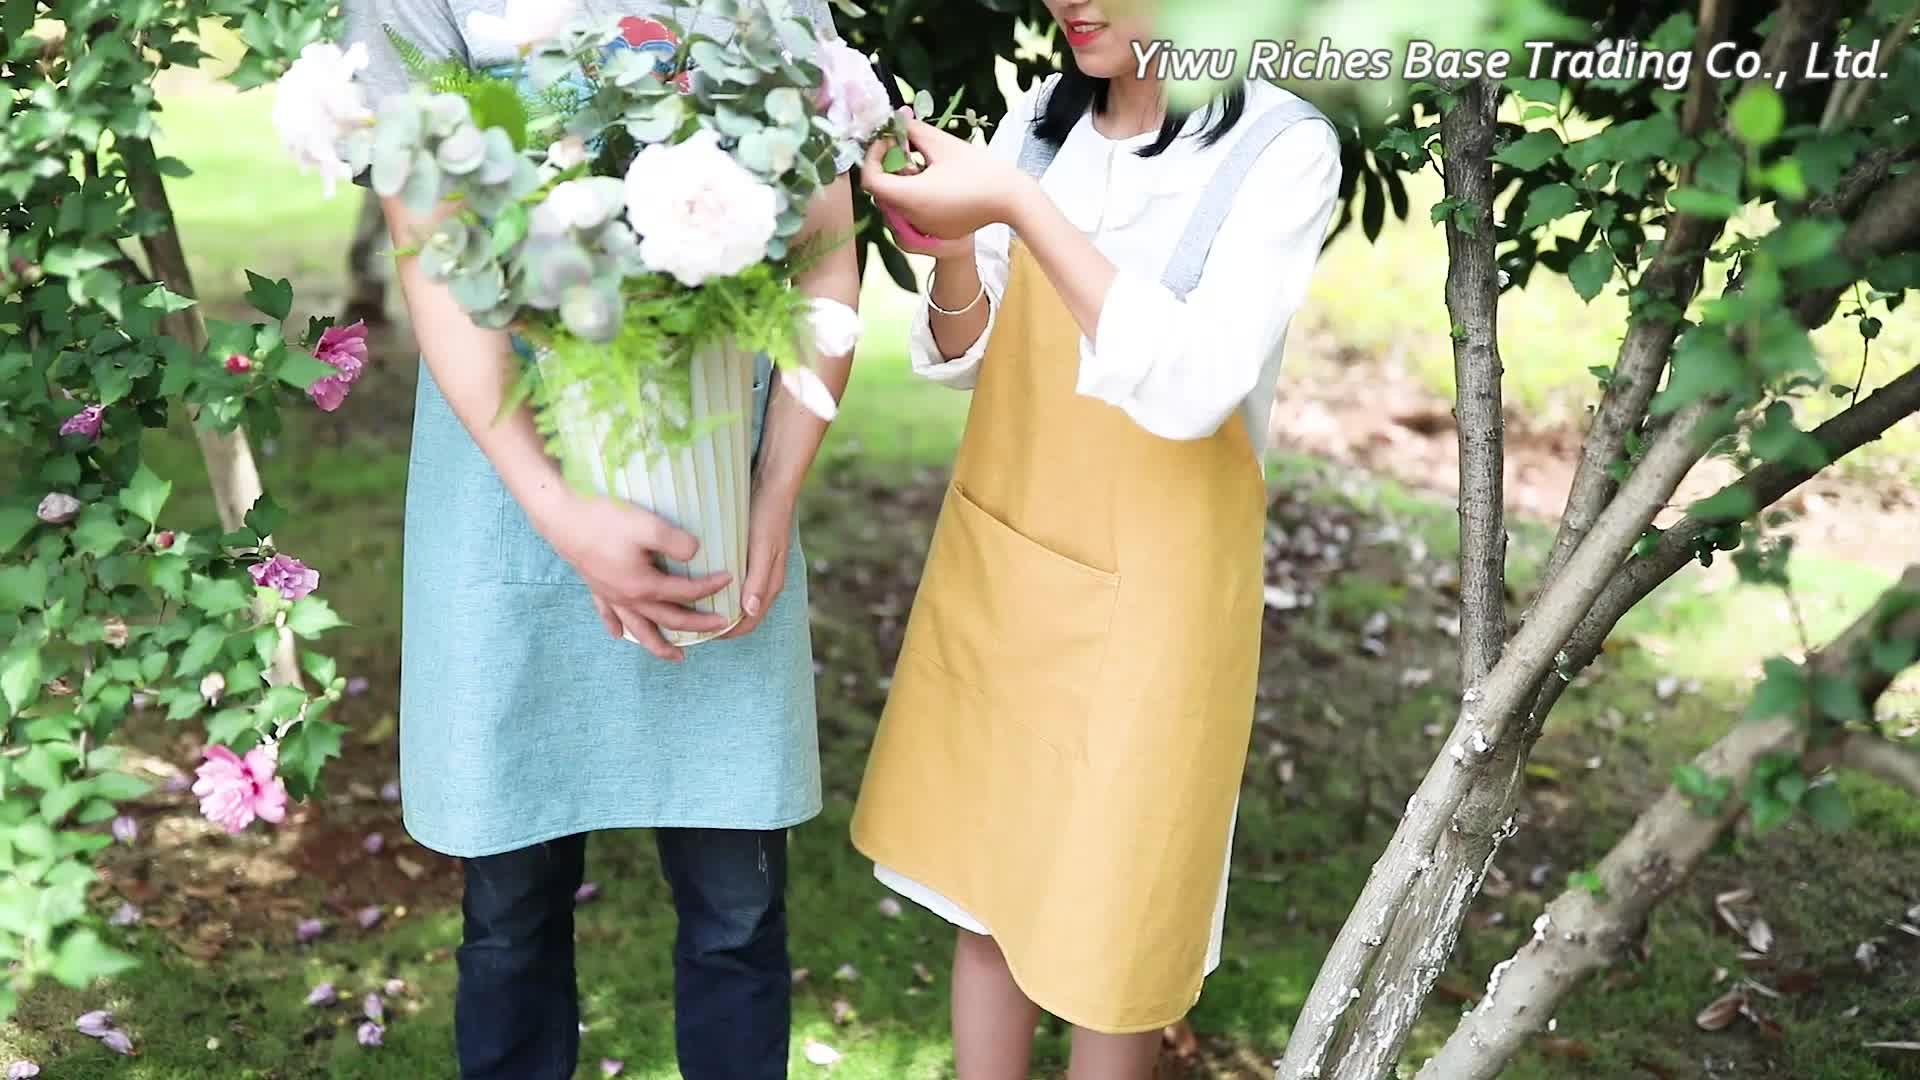 2019 ขายส่ง pure สีผ้าลินินทำอาหาร bbq ผ้ากันเปื้อนผู้หญิงราคาถูกห้องครัวผ้ากันเปื้อน unisex